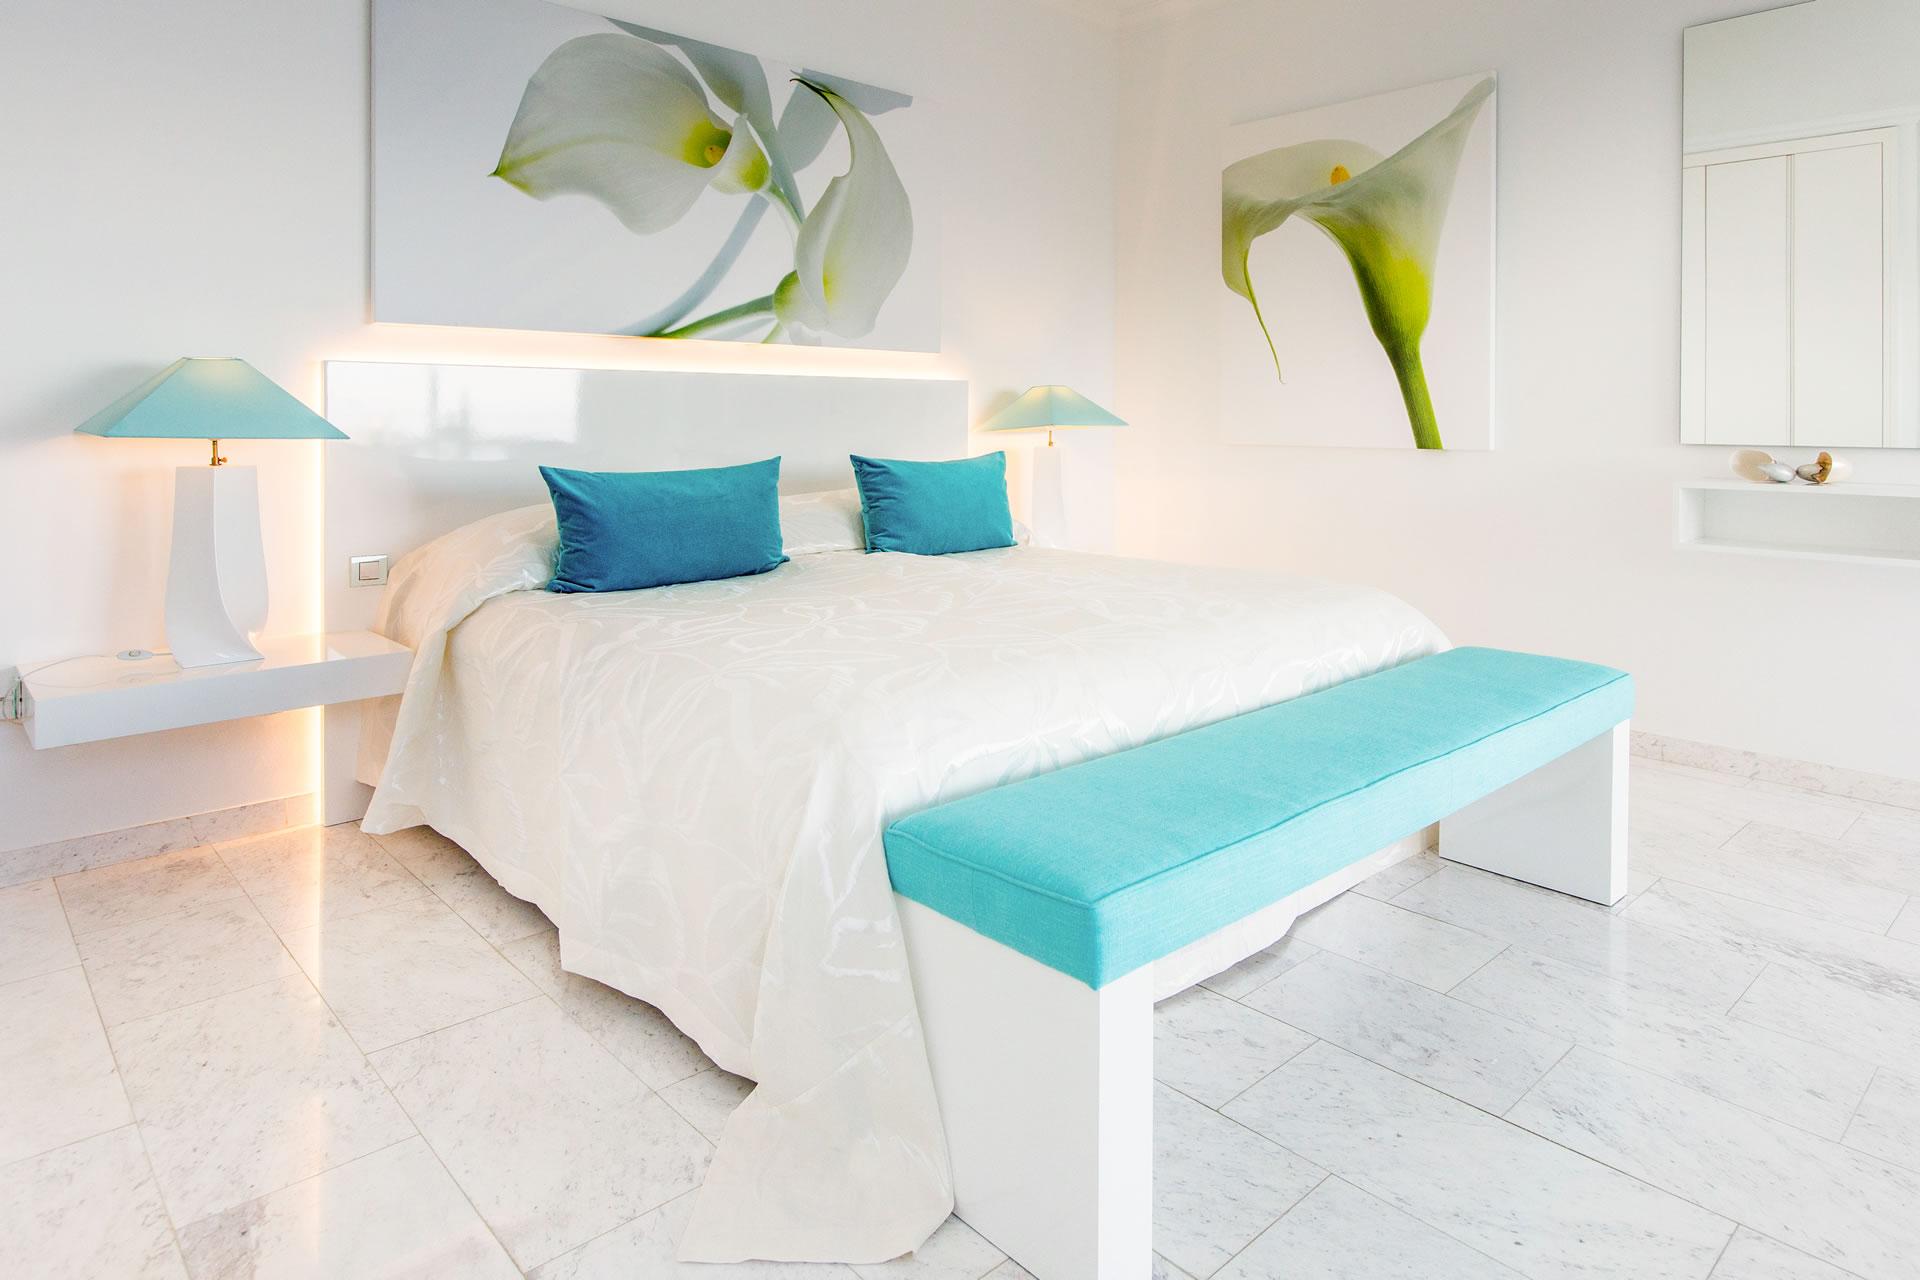 Casa Victoria im Jardin de la Paz: Luxus-Studio mit Meerblick